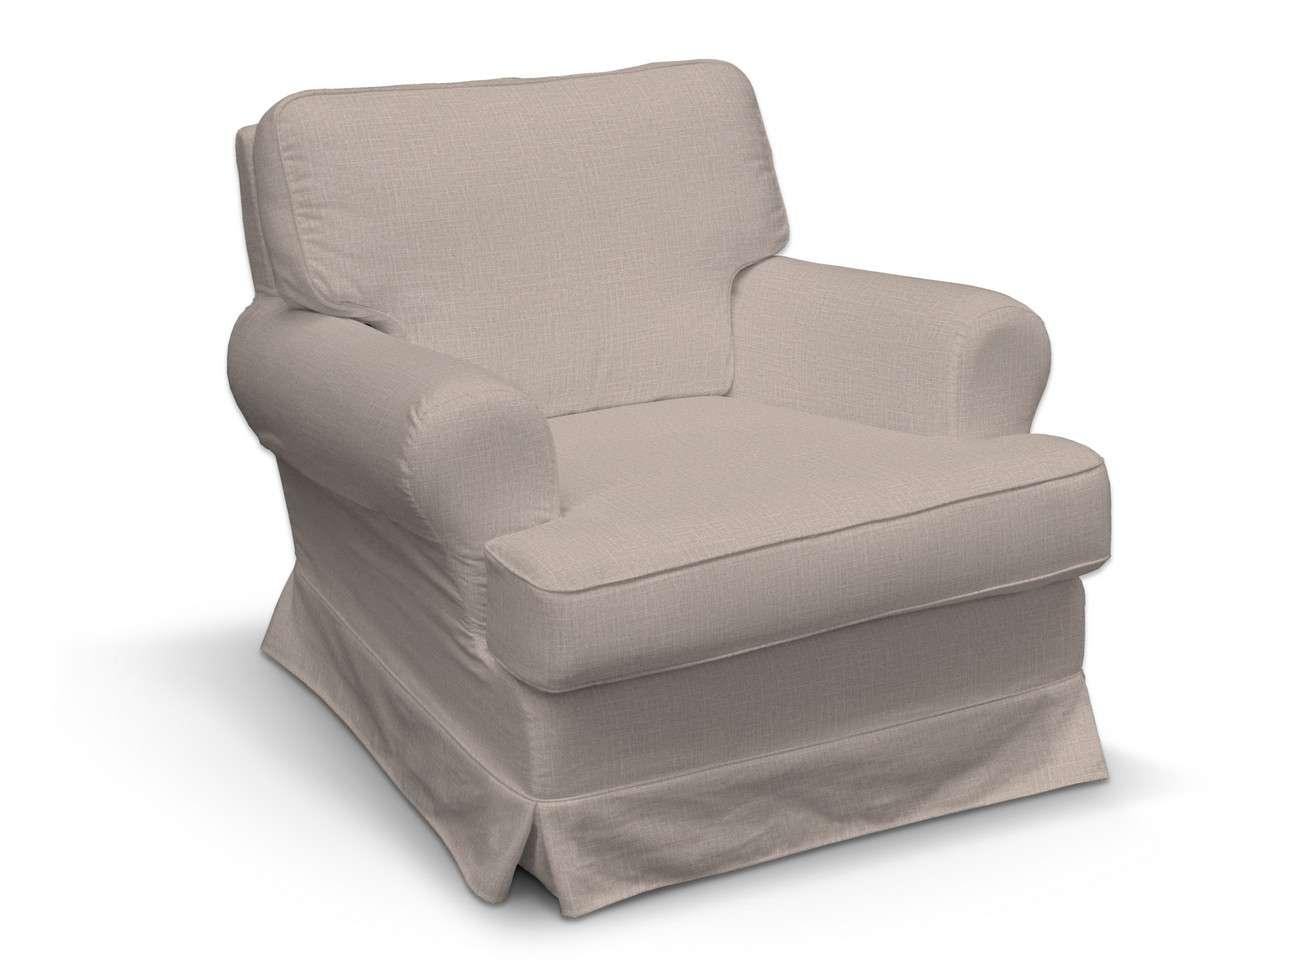 Pokrowiec na fotel Barkaby w kolekcji Living II, tkanina: 160-85